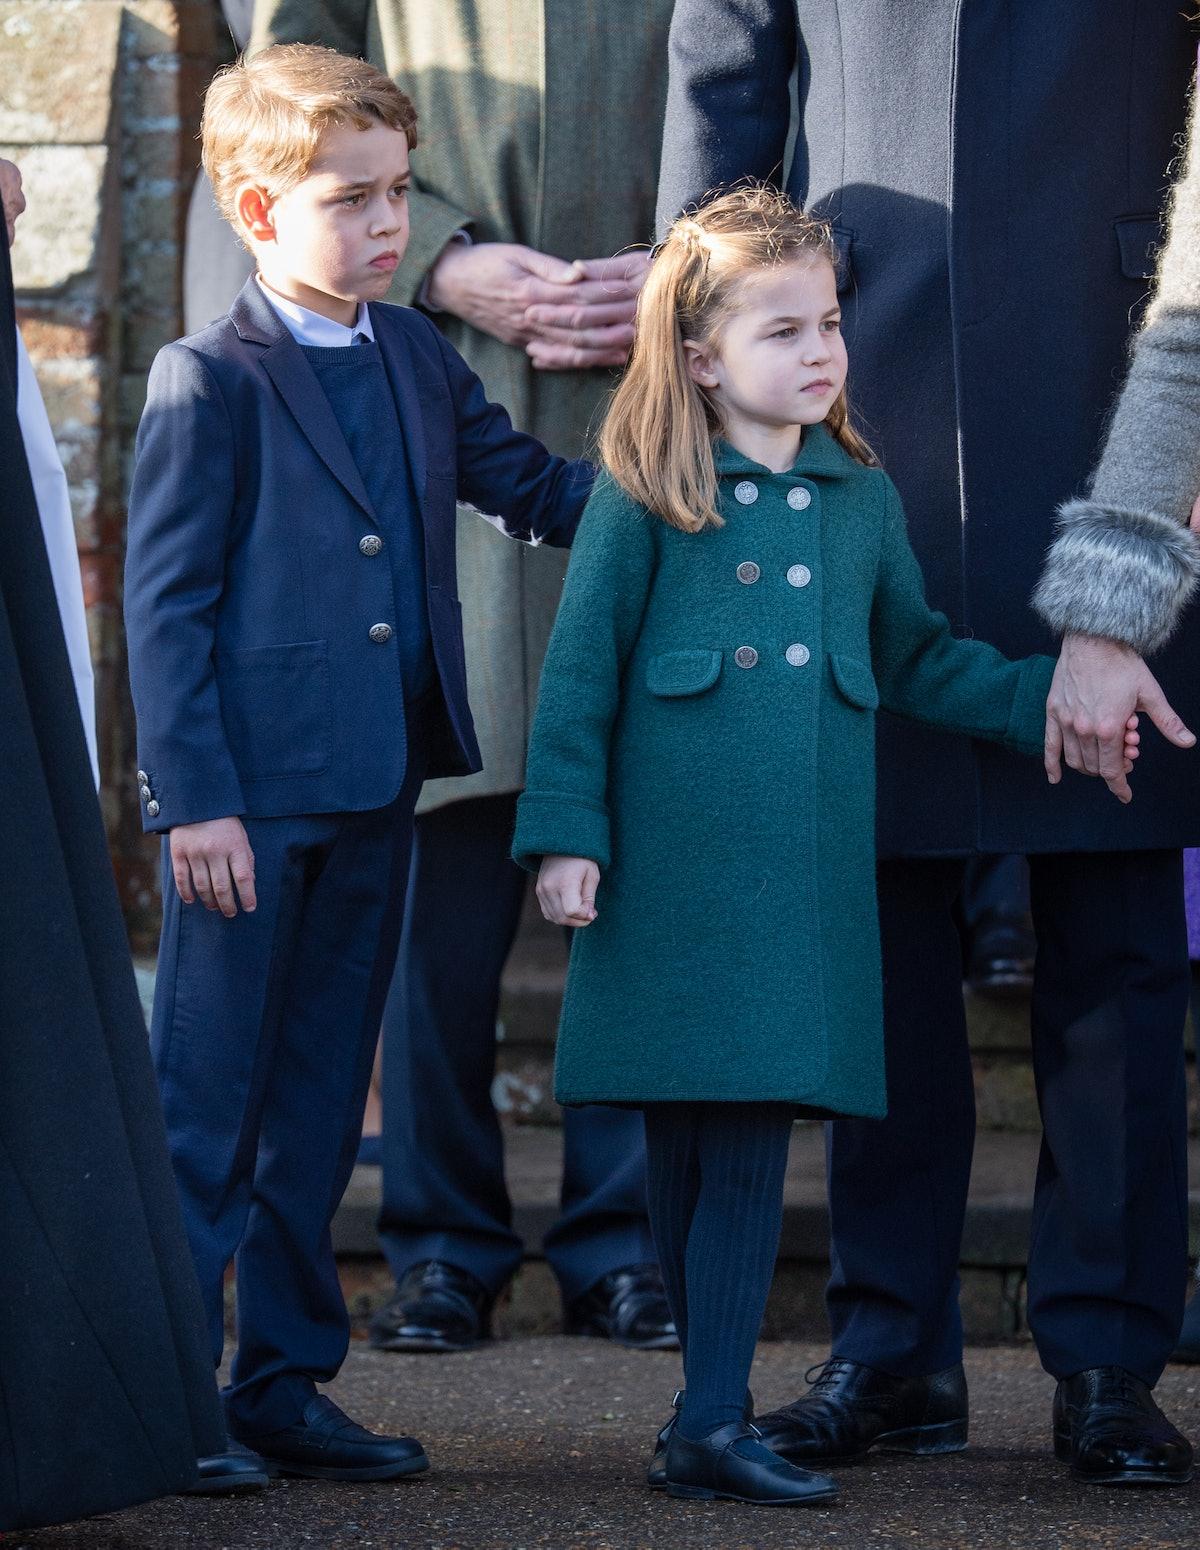 Prince George and Princess Charlotte made their royal Christmas debut on Dec. 25.